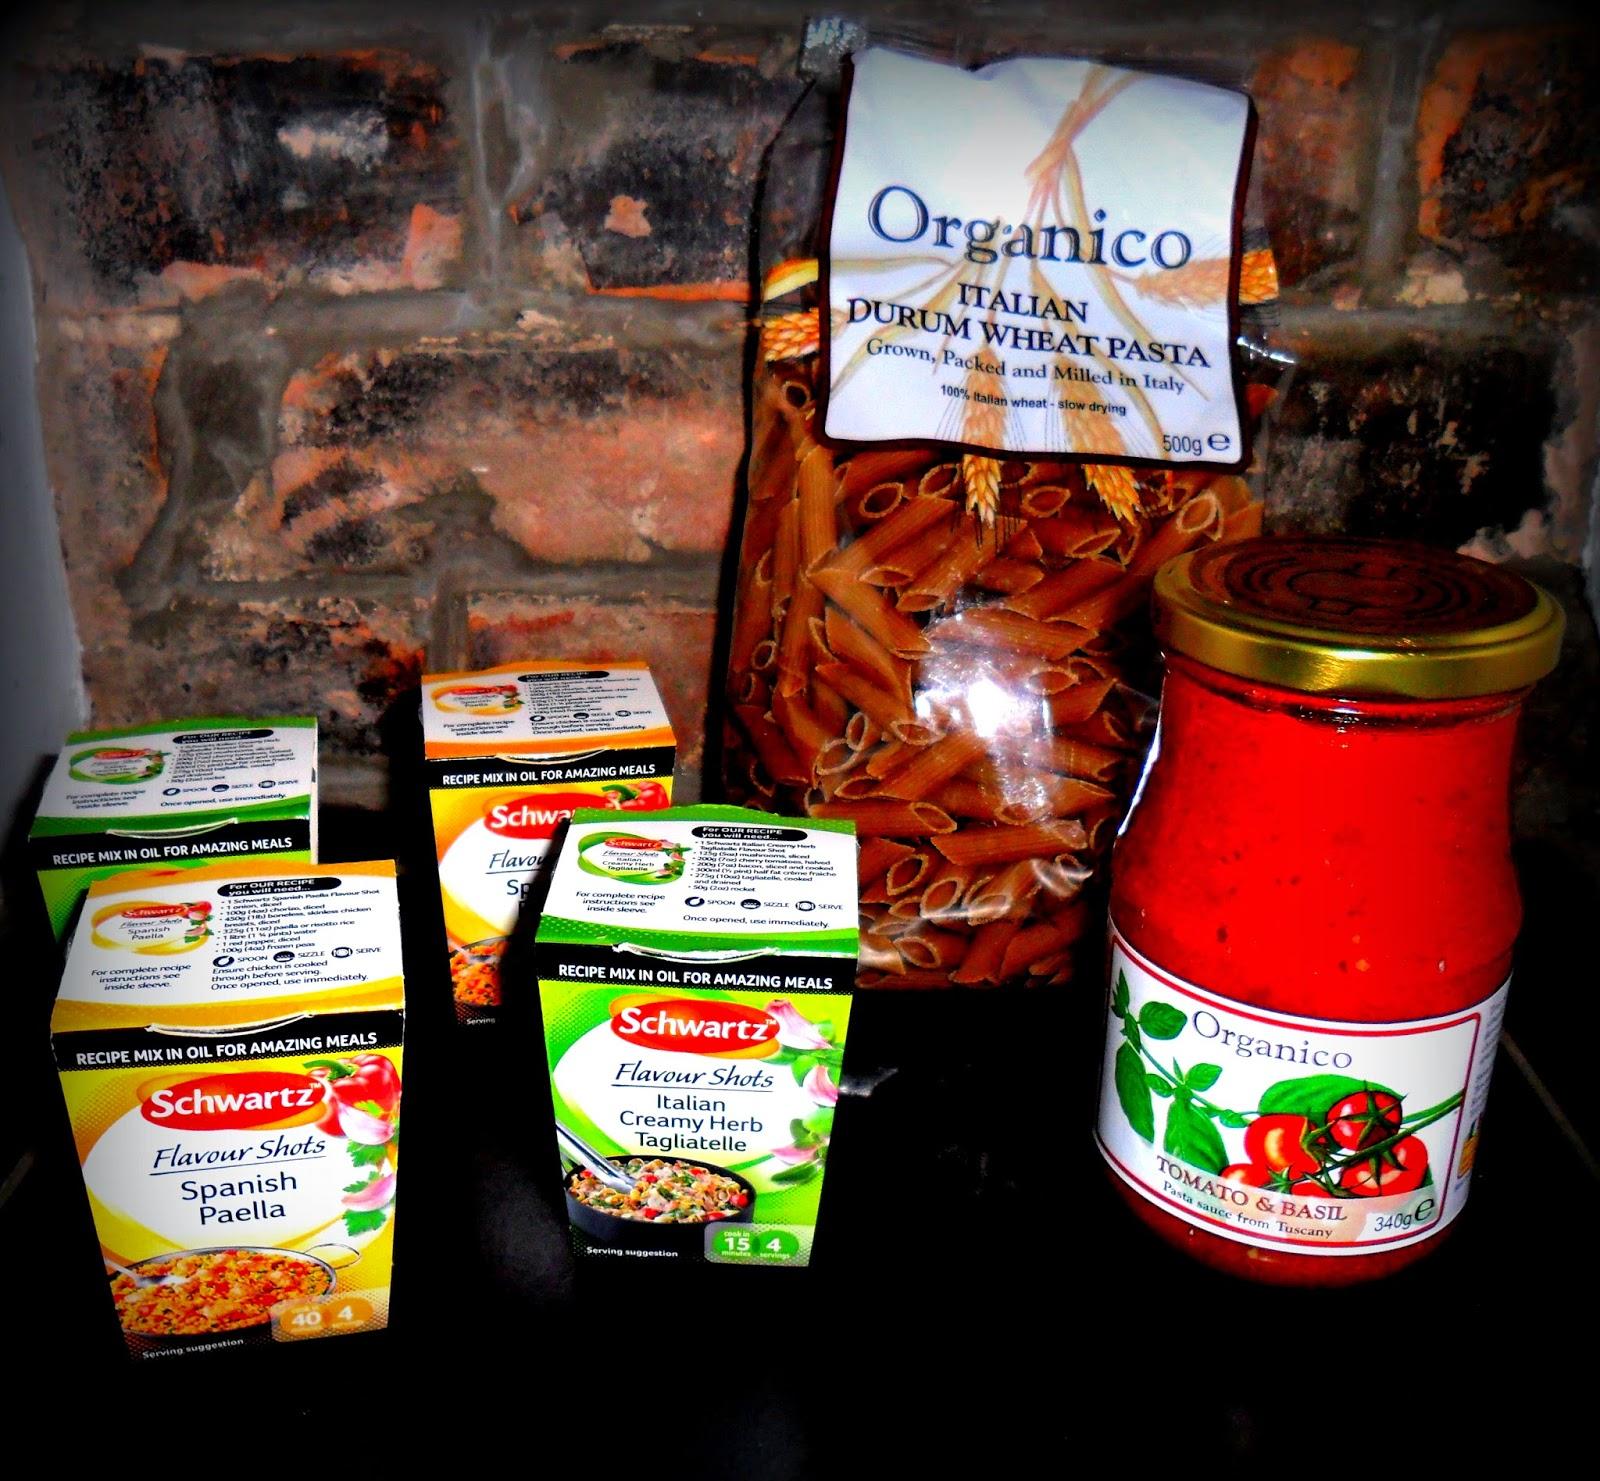 Schwartz Flavour Shots, Schwartz Spanish Paella, Schwartz Italian Creamy Herb, Mixed Herbs